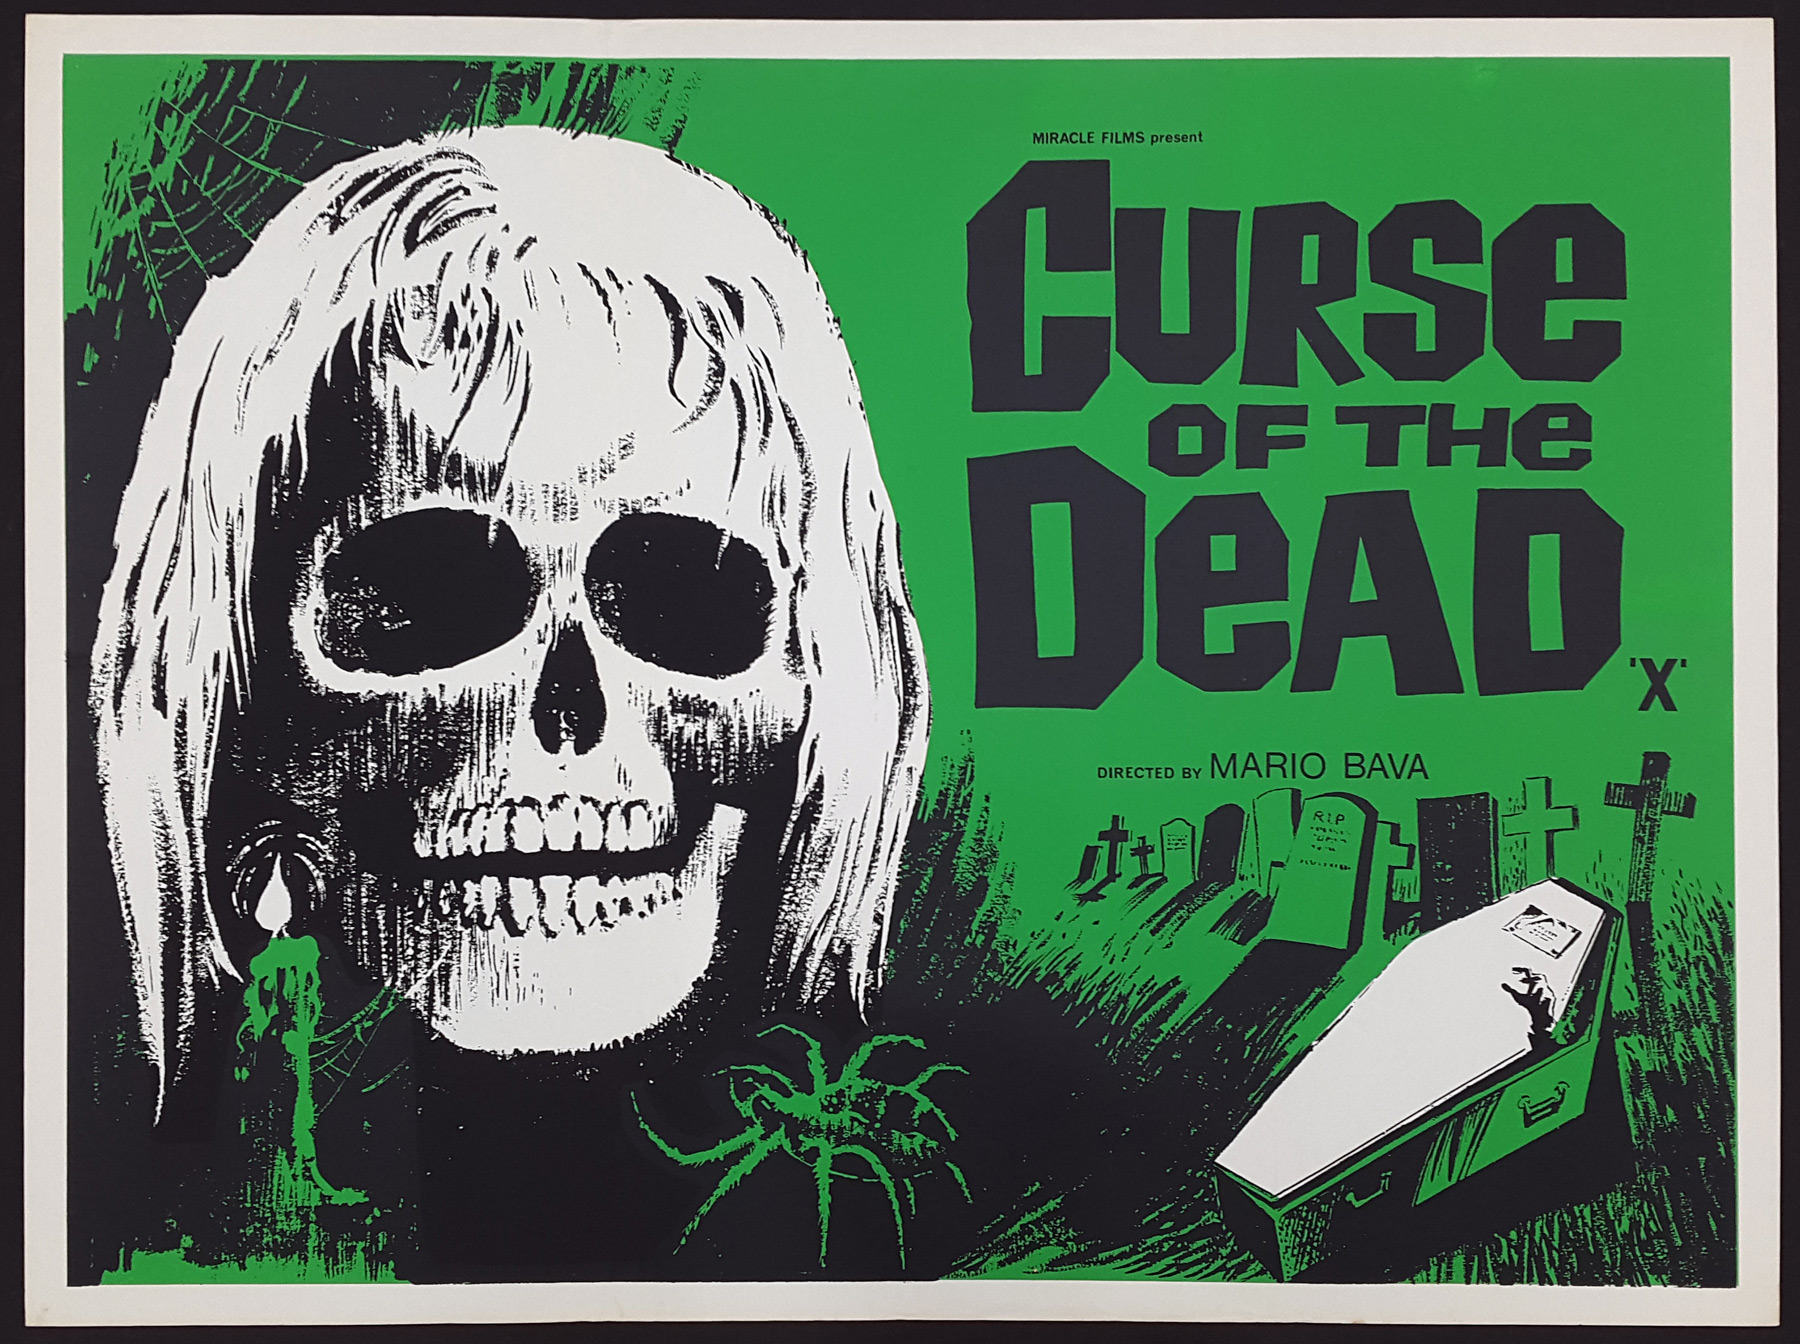 CURSE OF THE UNDEAD (1966) Original Vintage UK Quad Film